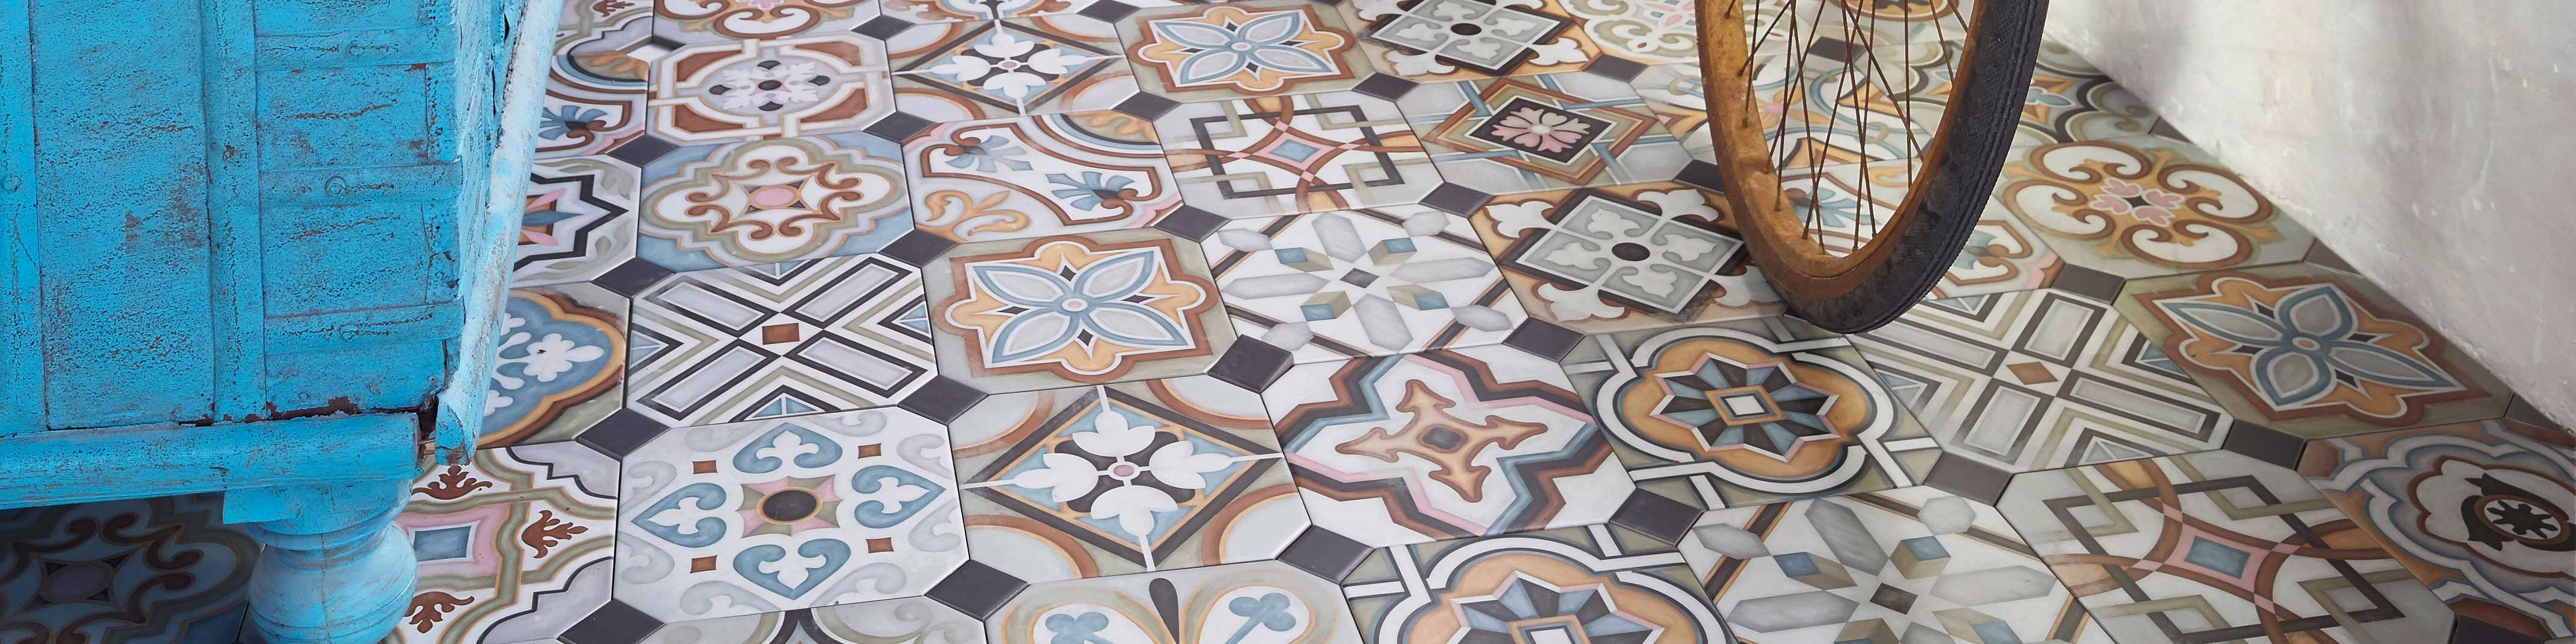 carrelage imitation carreaux de ciment carrelage motif saint maclou